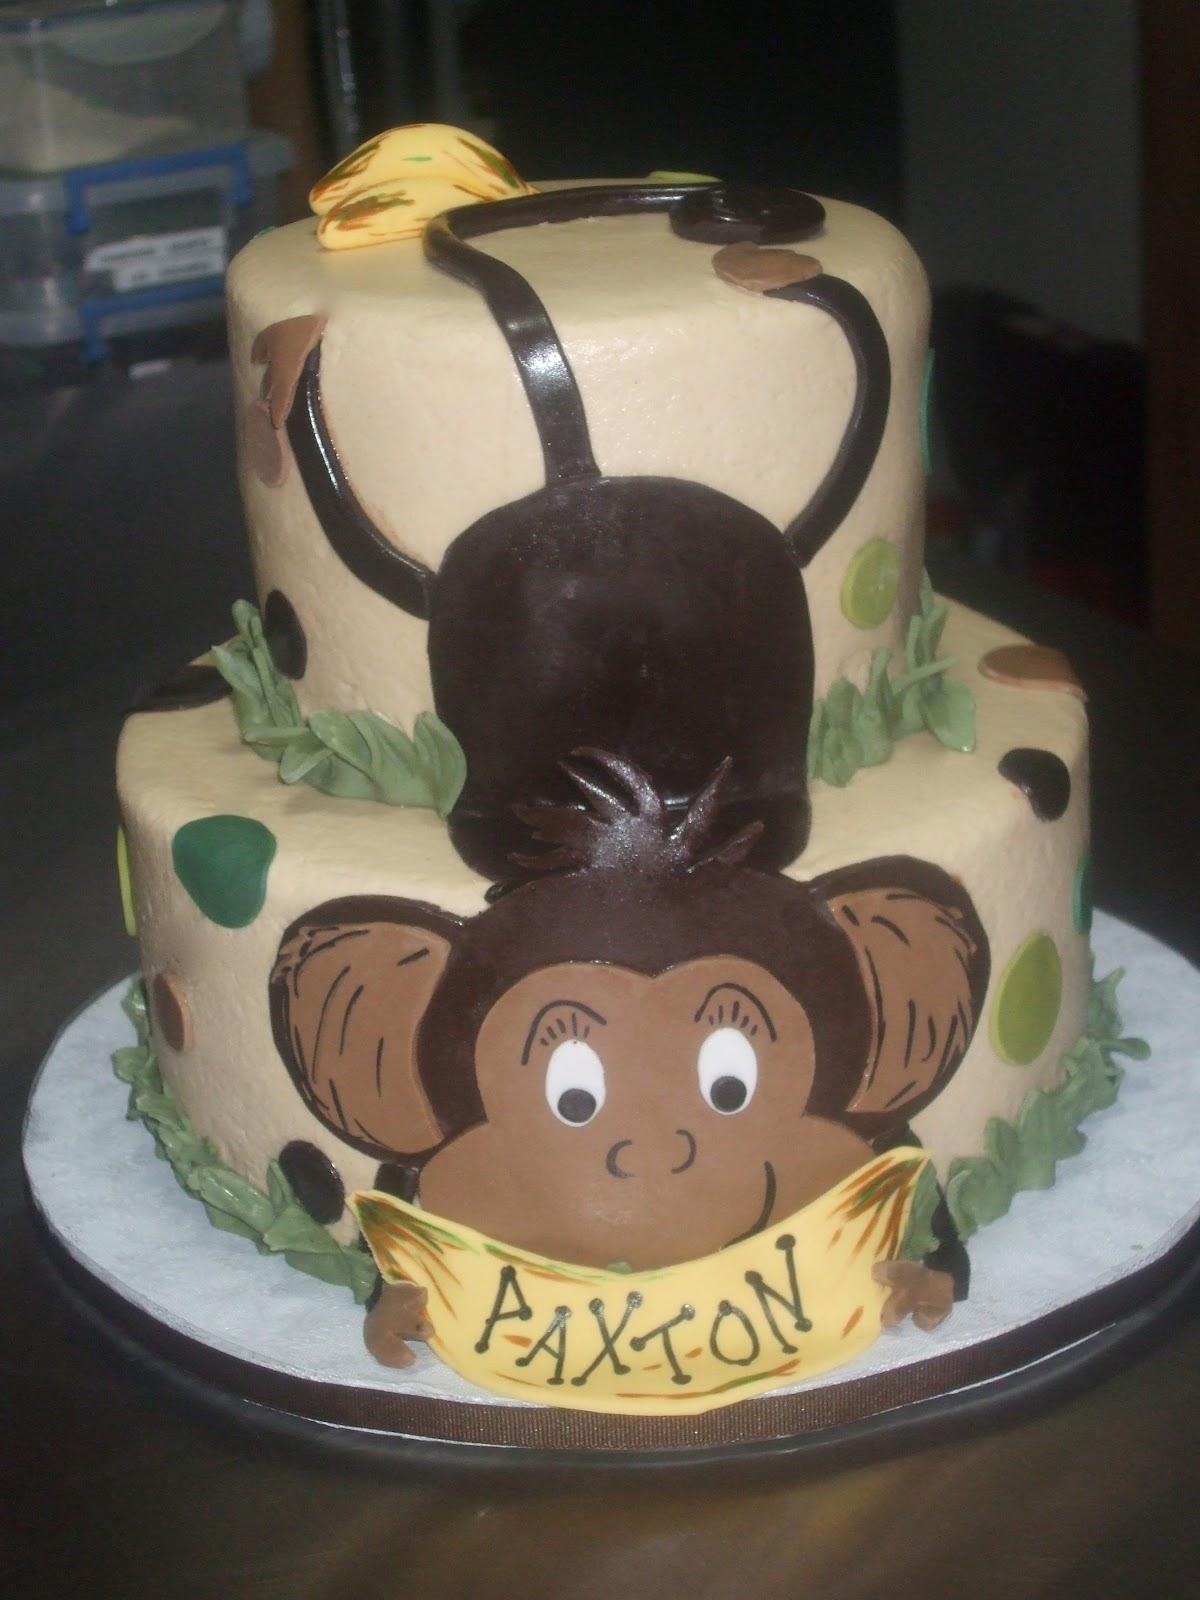 Cakes By Paula: Baby Shower Monkey Cake